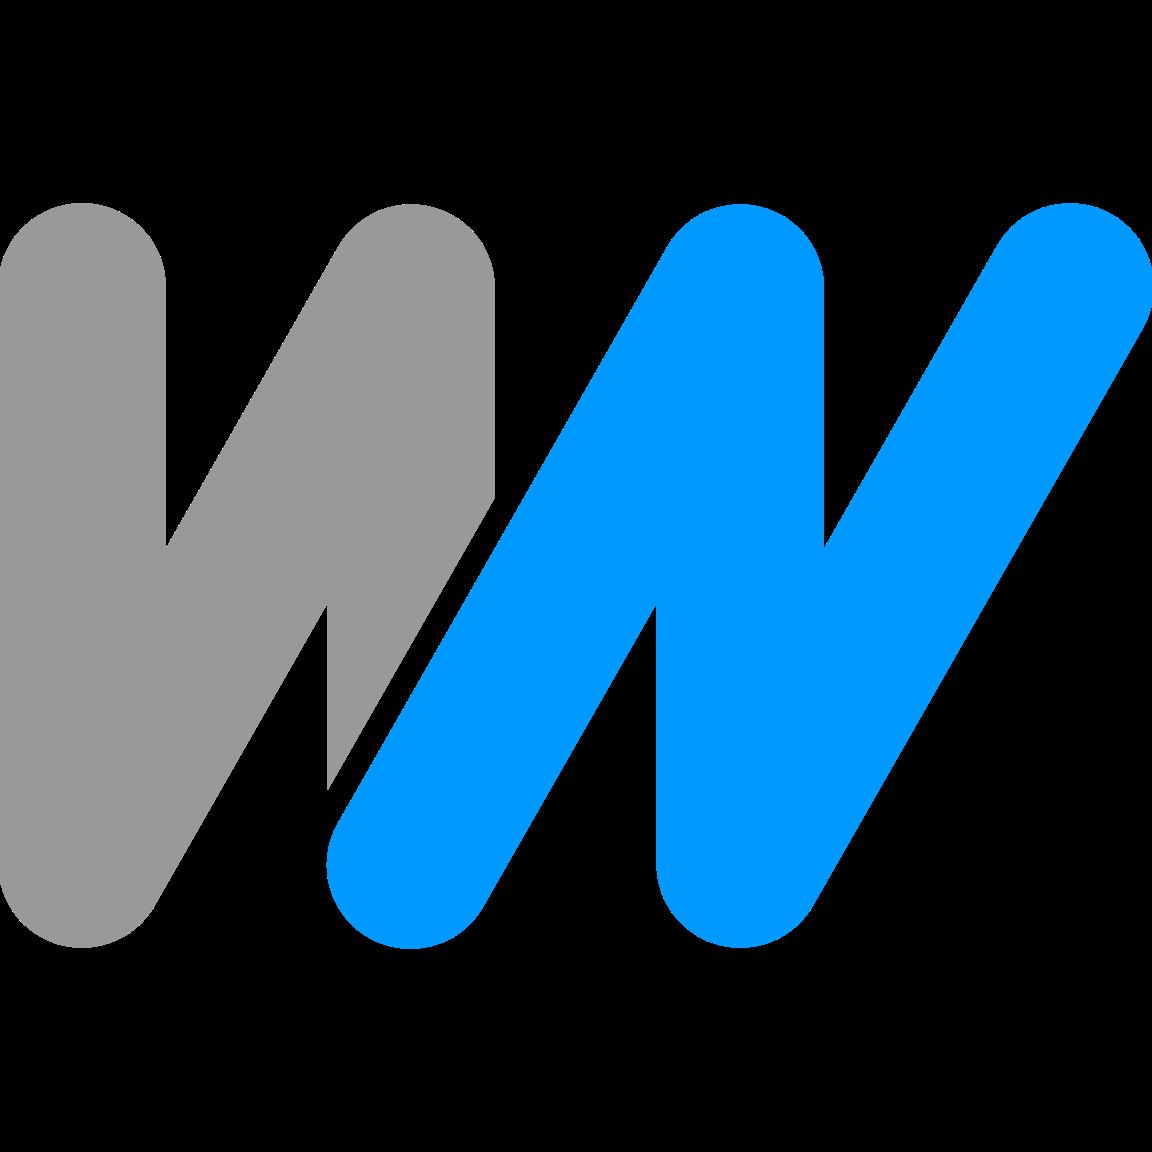 Go to widiantonugroho.com